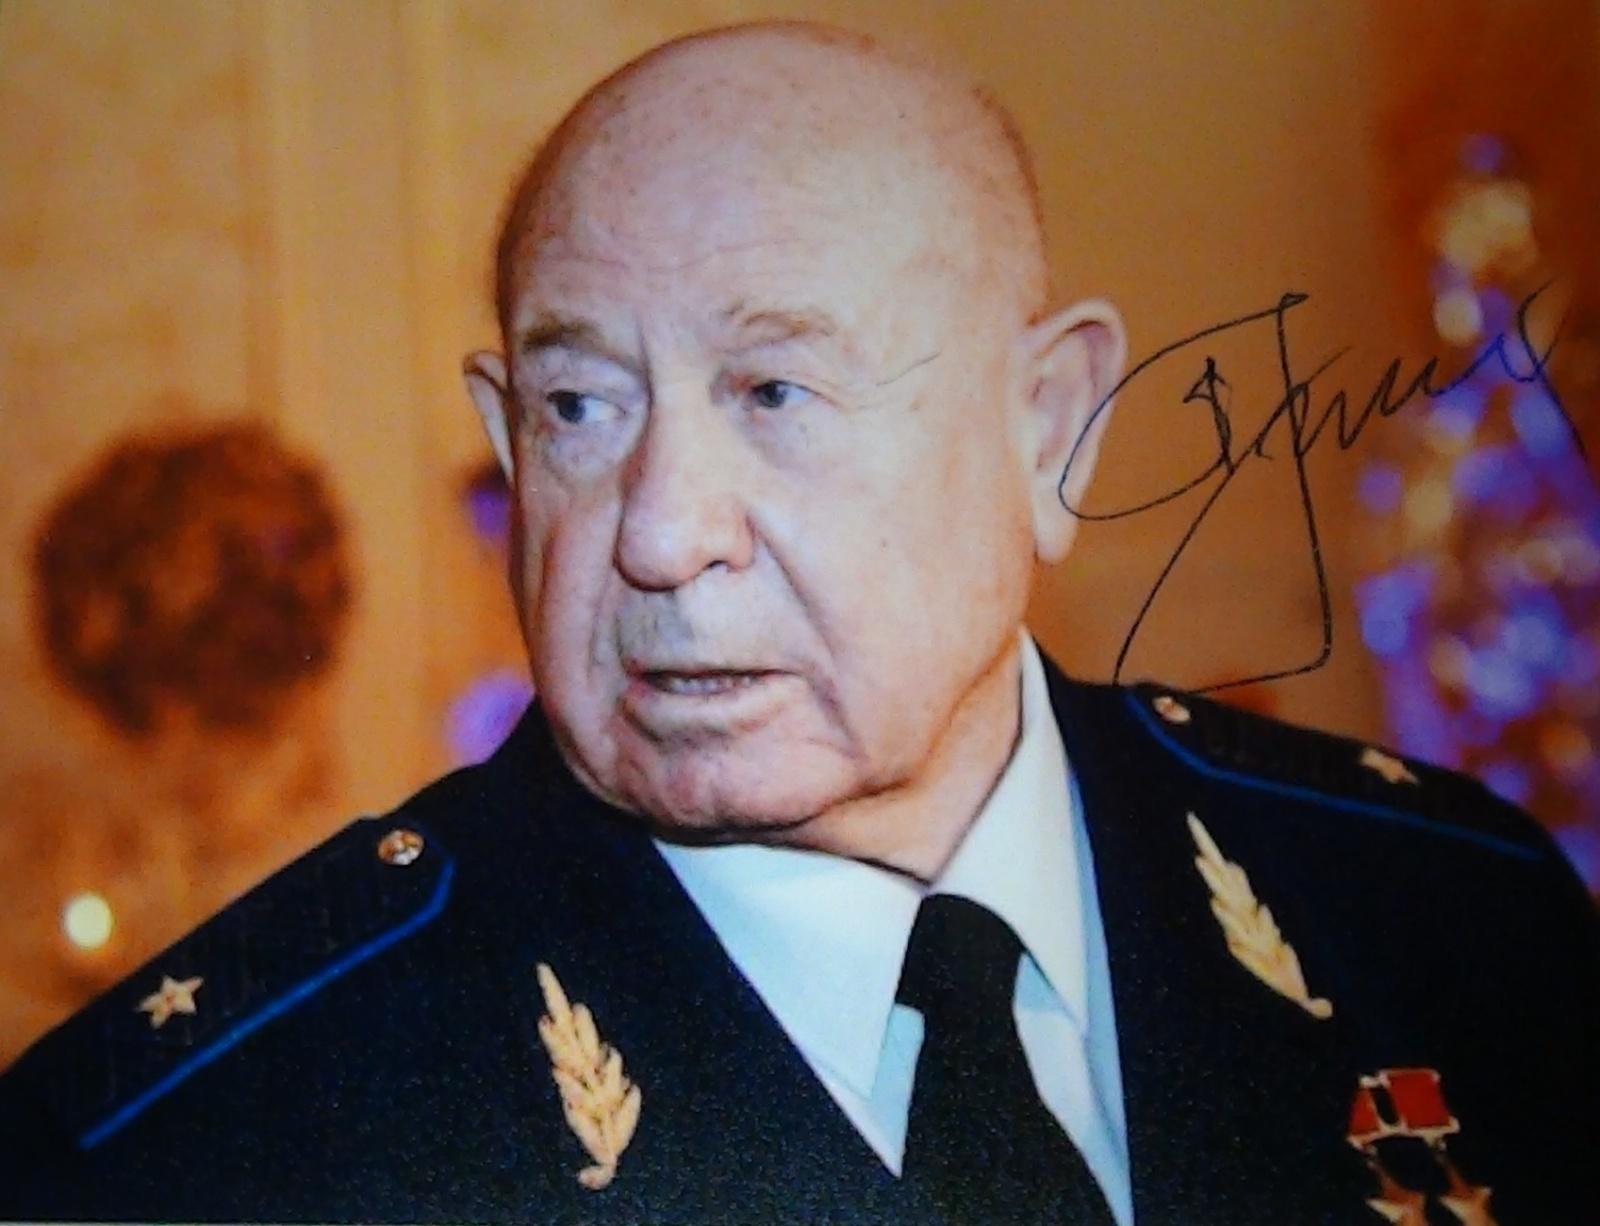 Лекция Алексея Леонова в честь его 80-летия: о Гагарине, Королеве, первом выходе в открытый космос и очень многом другом - 1